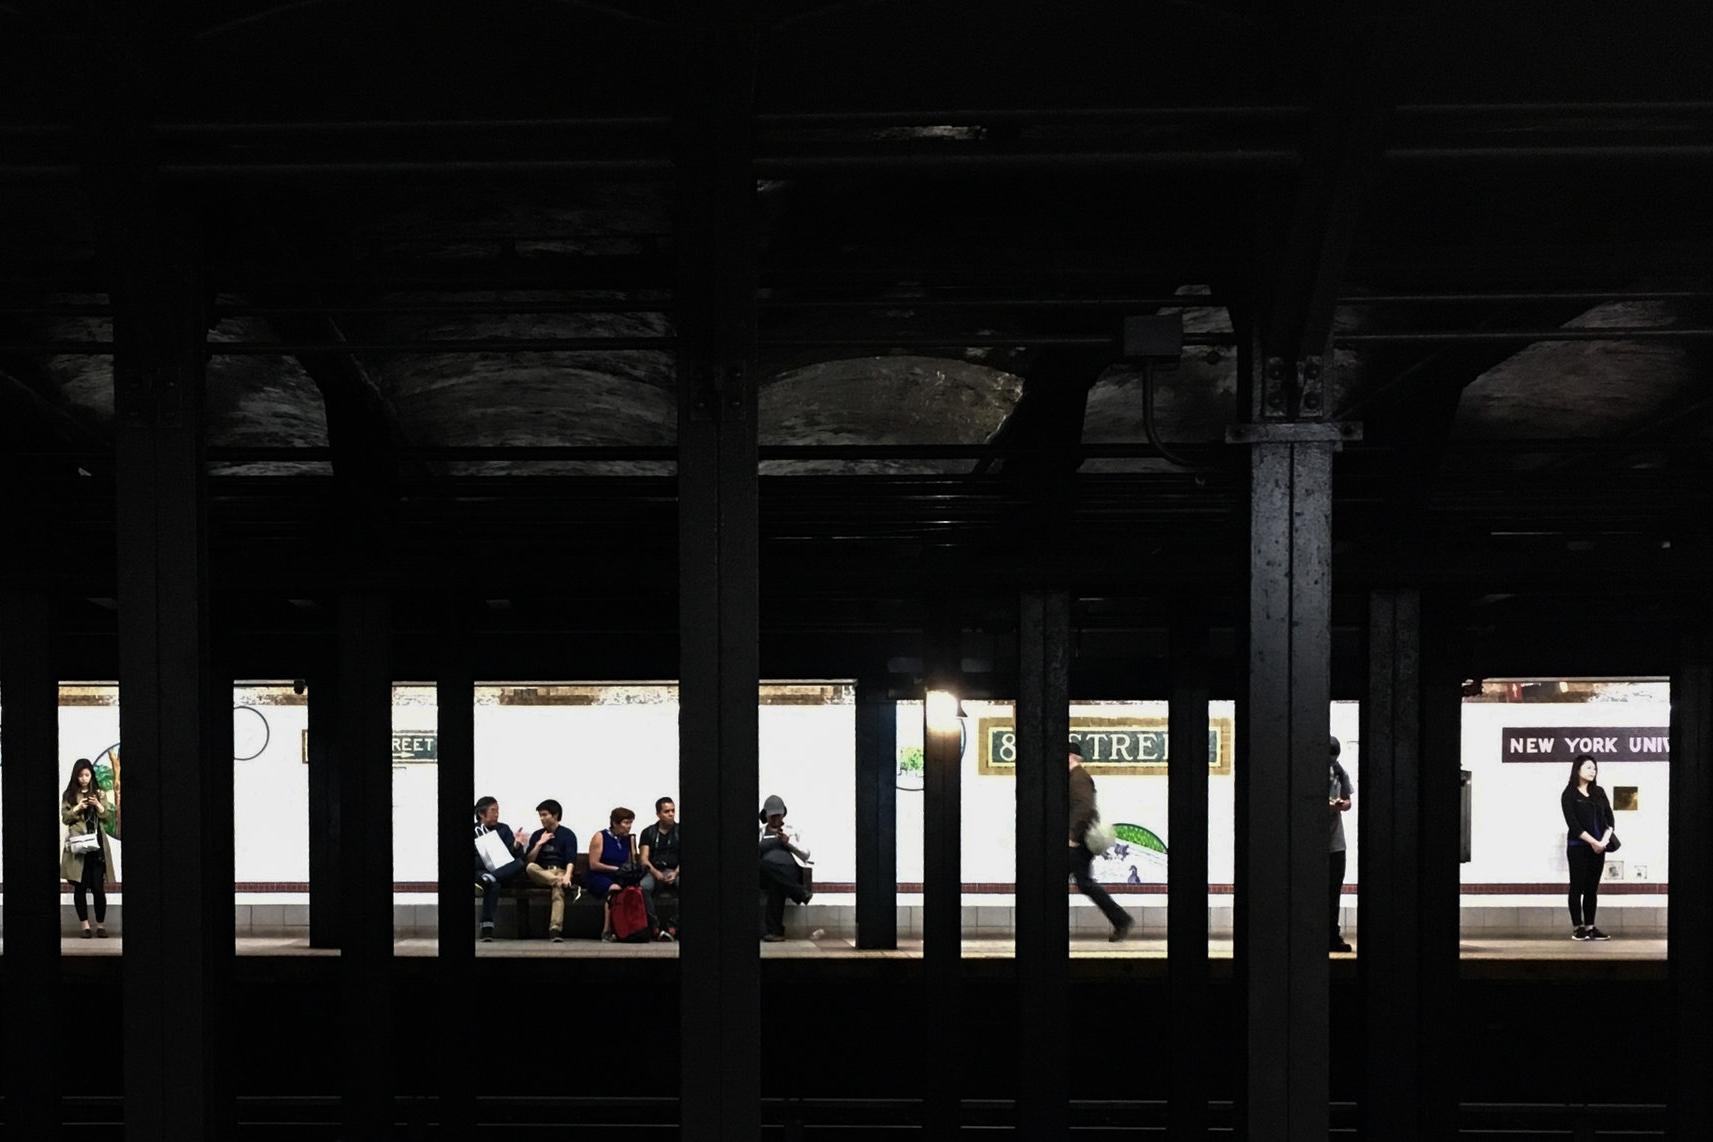 34.subway-2.jpg